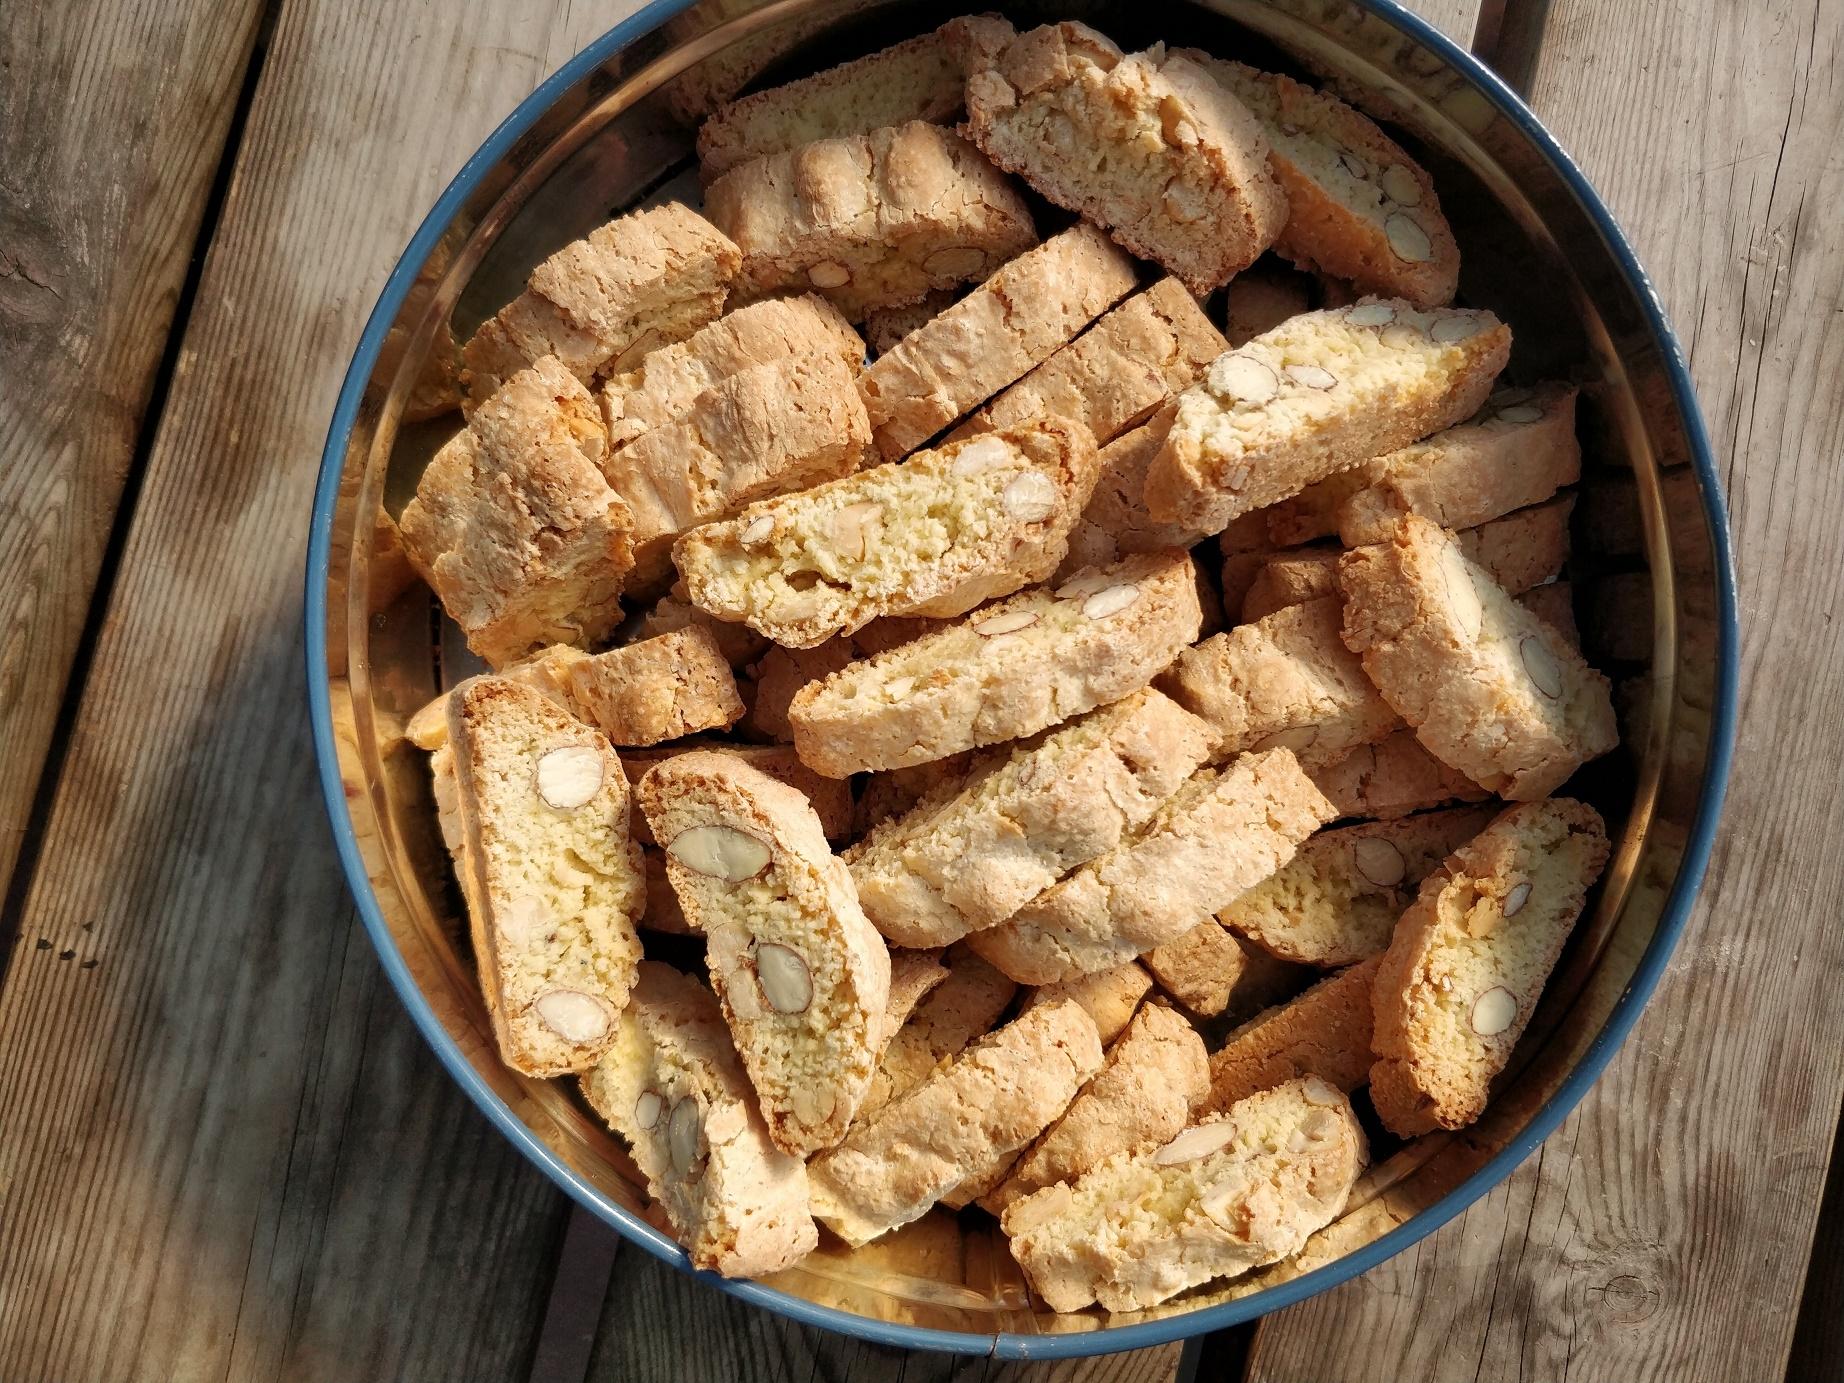 opskrift på hjemmebagte biscotti med mandler og peanuts